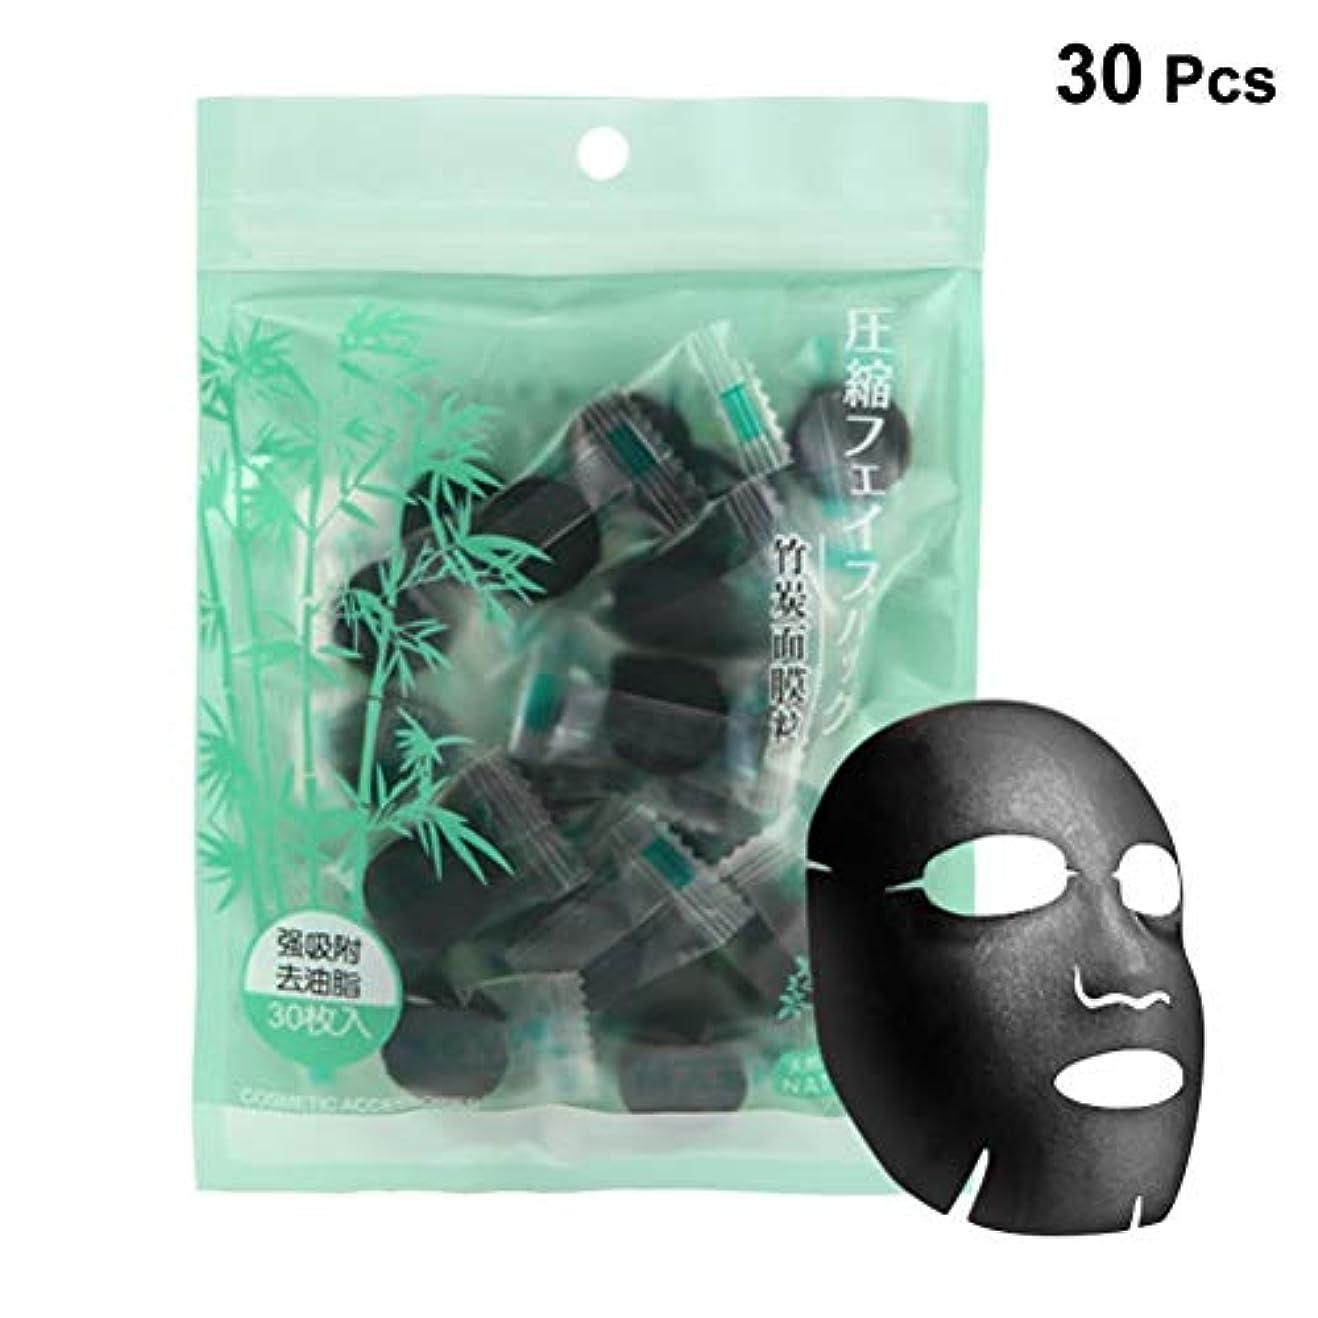 命題集団君主h 圧縮フェイスマスクブラック使い捨てスキンフェイスケアDIYフェイシャルマスク30ピース